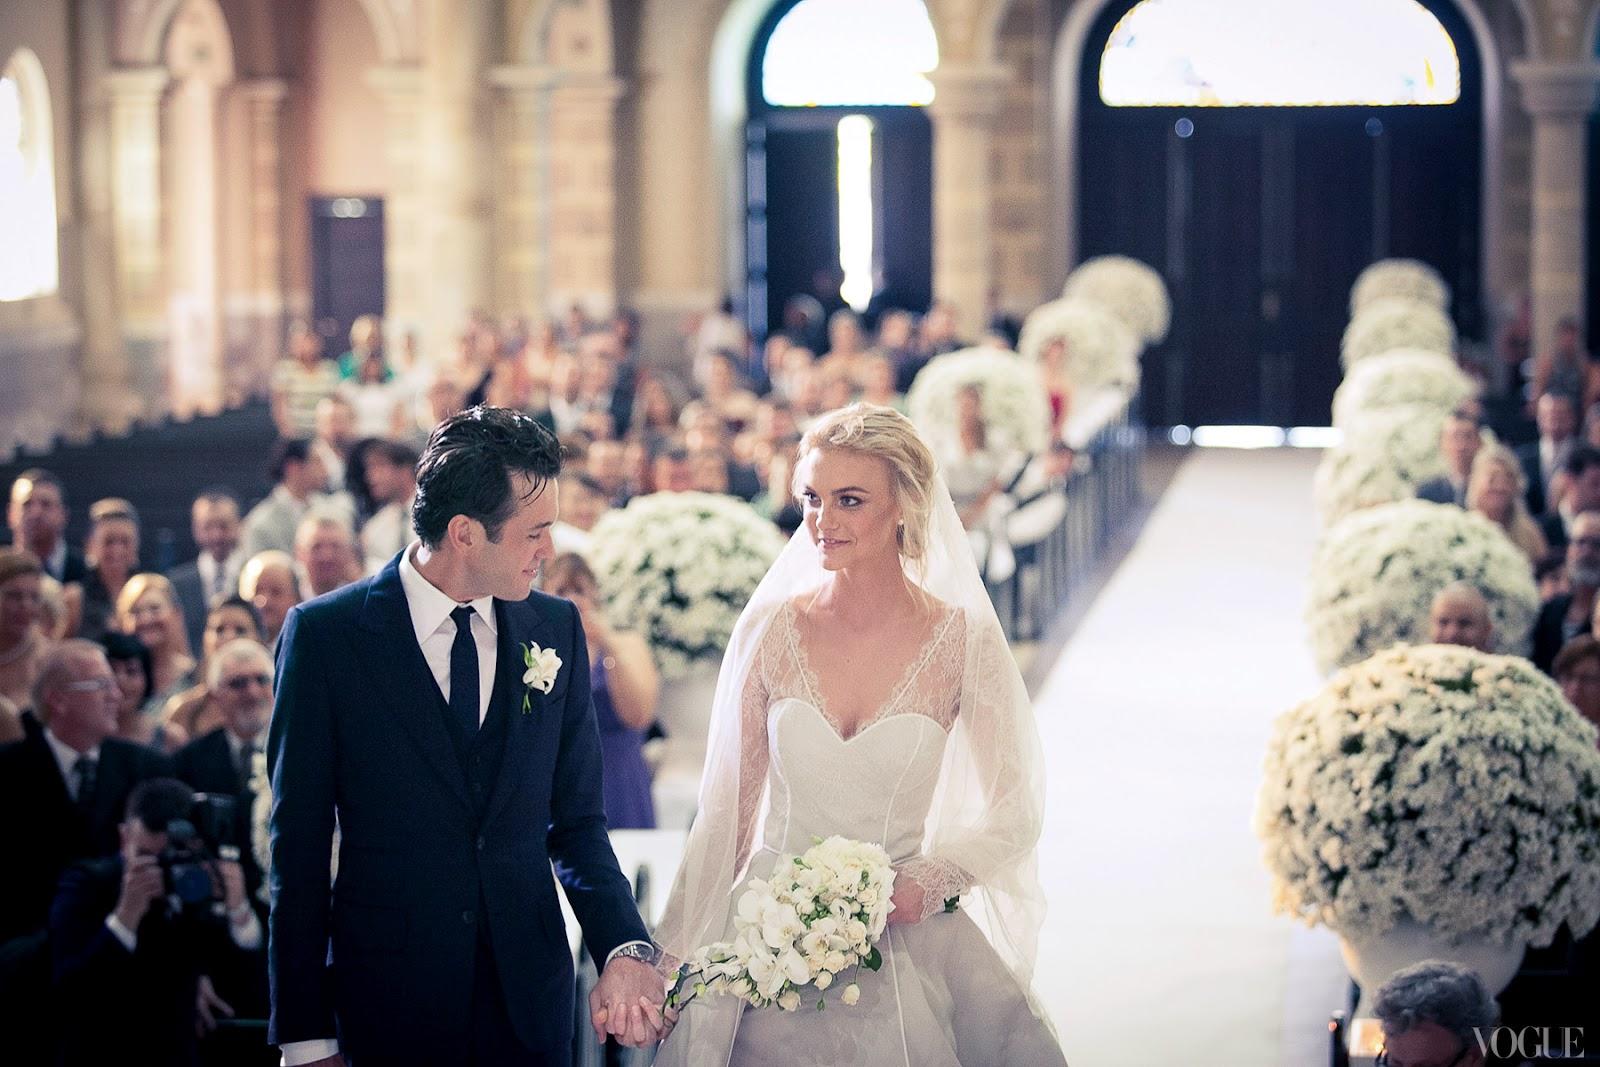 http://4.bp.blogspot.com/-Z9ZSLyUwX0U/T5f8fqtDhmI/AAAAAAAAEjo/sAj59H1lFOY/s1600/02-caroline-trentini-wedding_124459181812.jpg